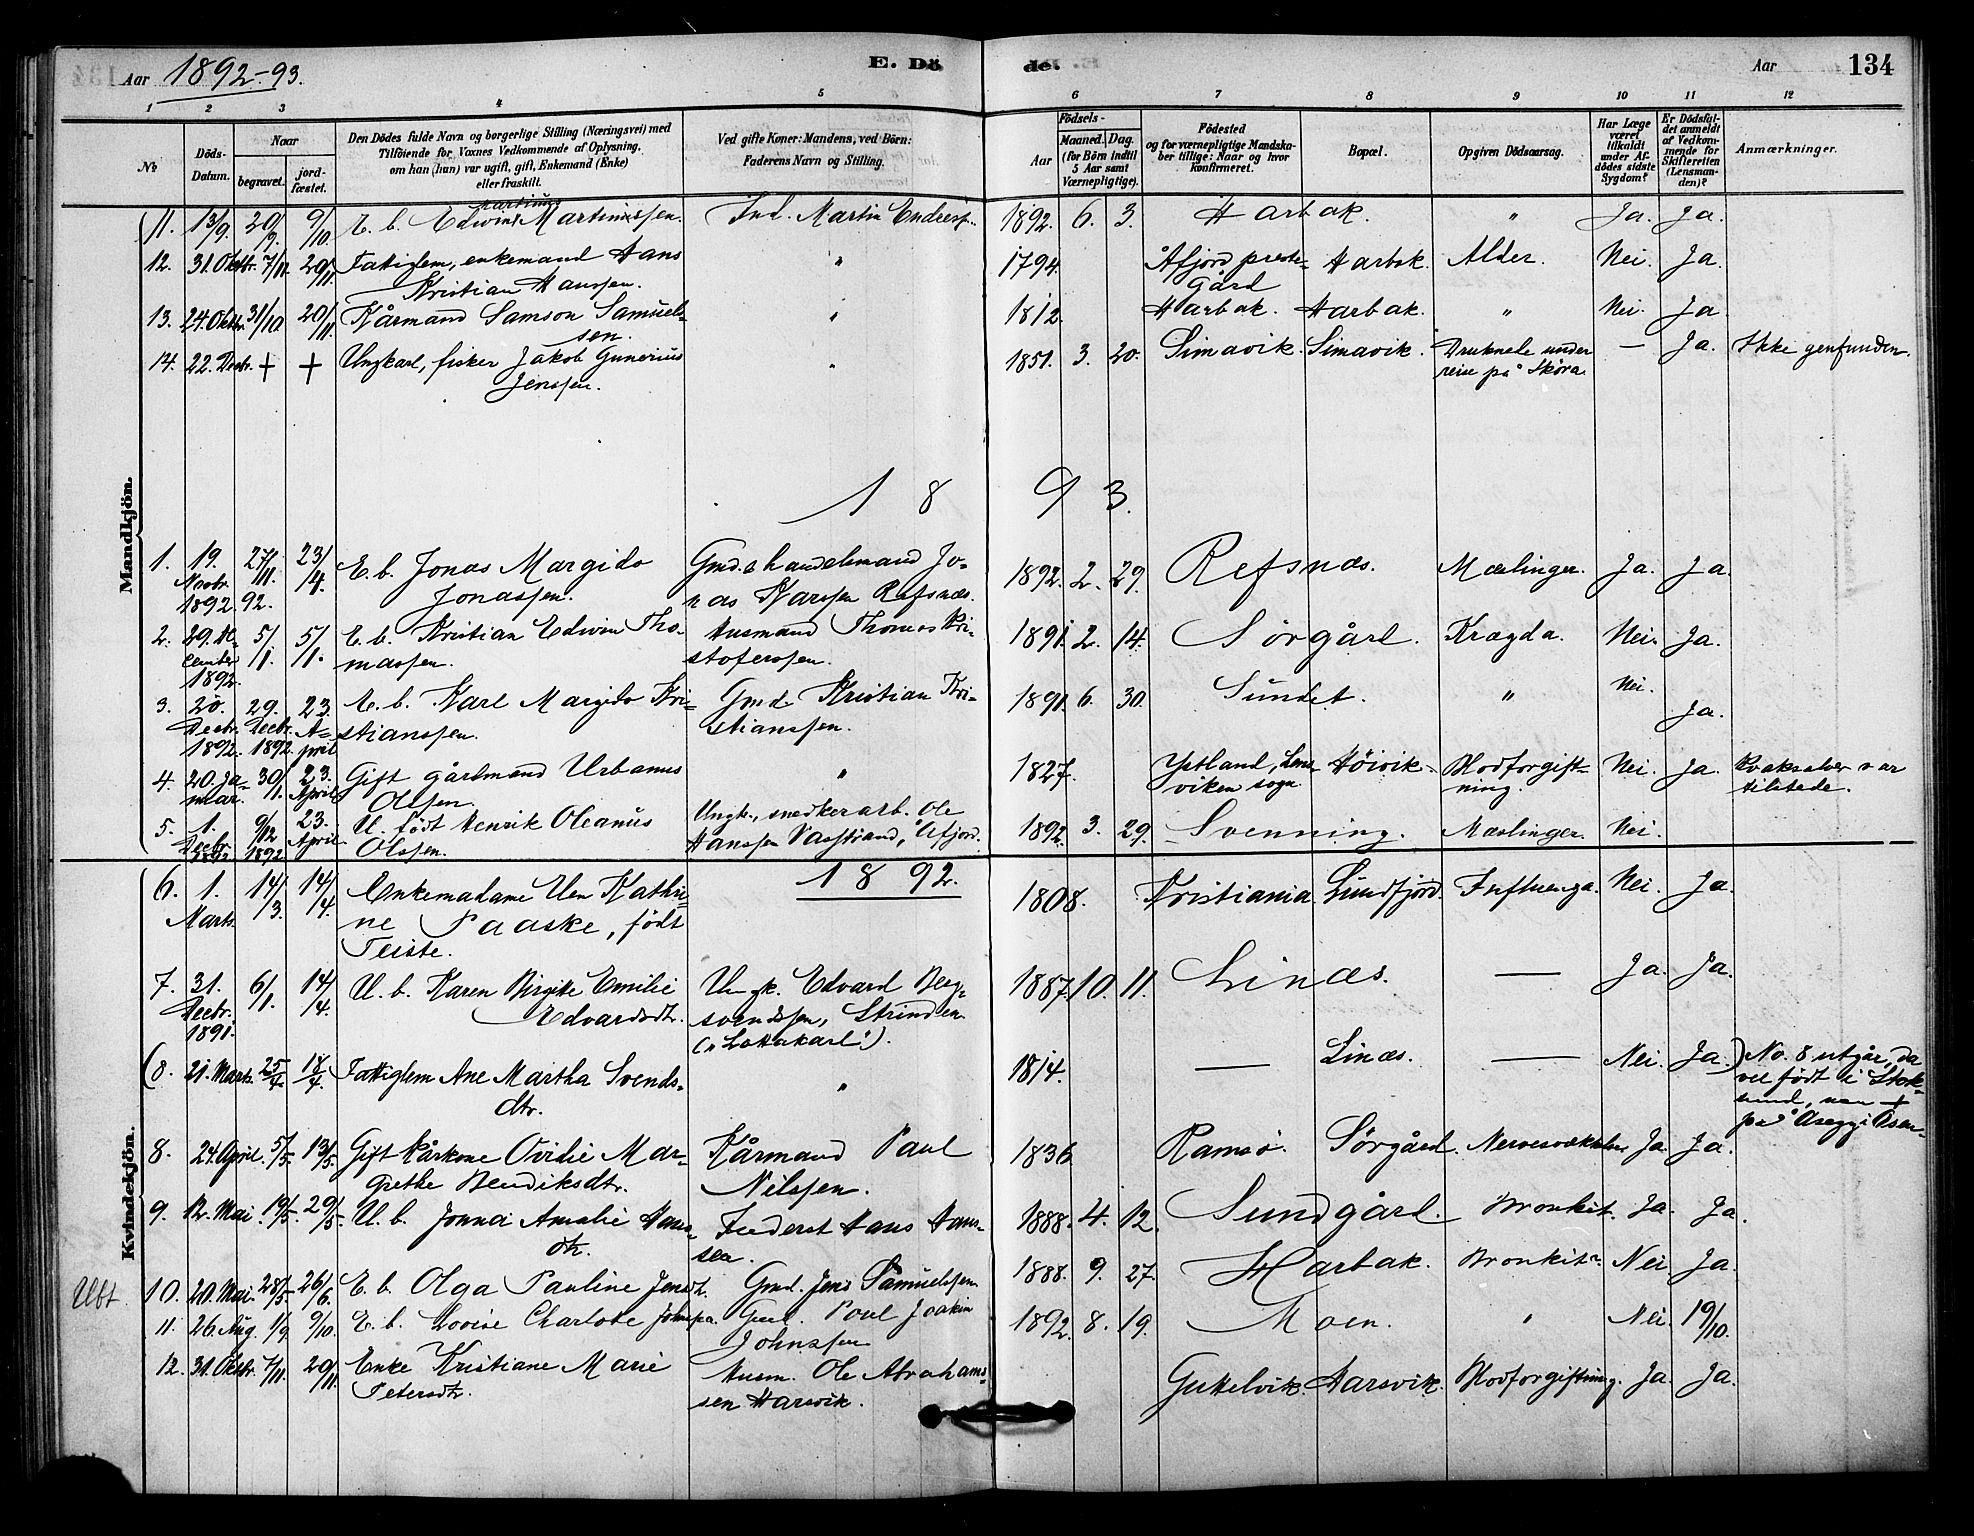 SAT, Ministerialprotokoller, klokkerbøker og fødselsregistre - Sør-Trøndelag, 656/L0692: Ministerialbok nr. 656A01, 1879-1893, s. 134